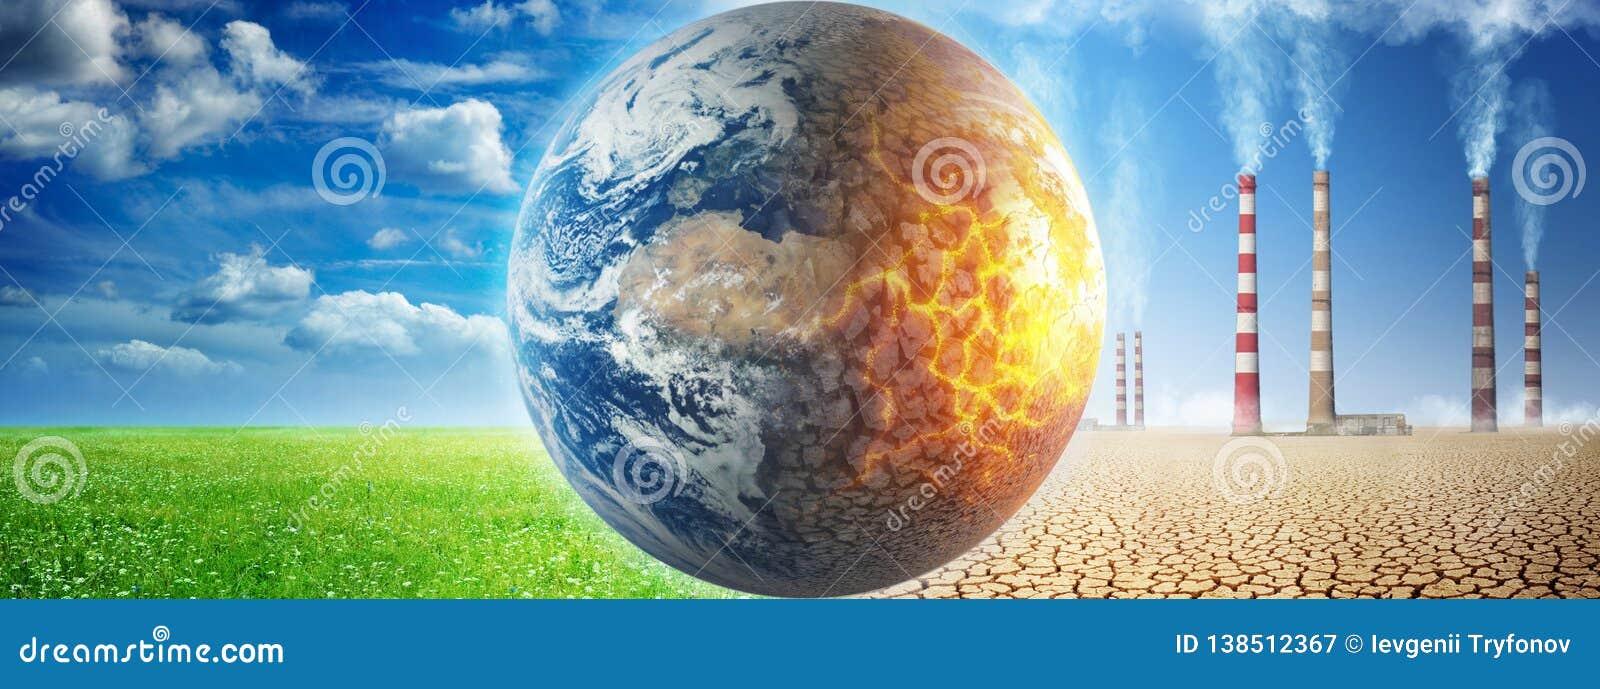 Erde auf einem Hintergrund des Grases und der Wolken gegen eine ruinierte Erde auf einem Hintergrund einer toten Wüste mit rauche